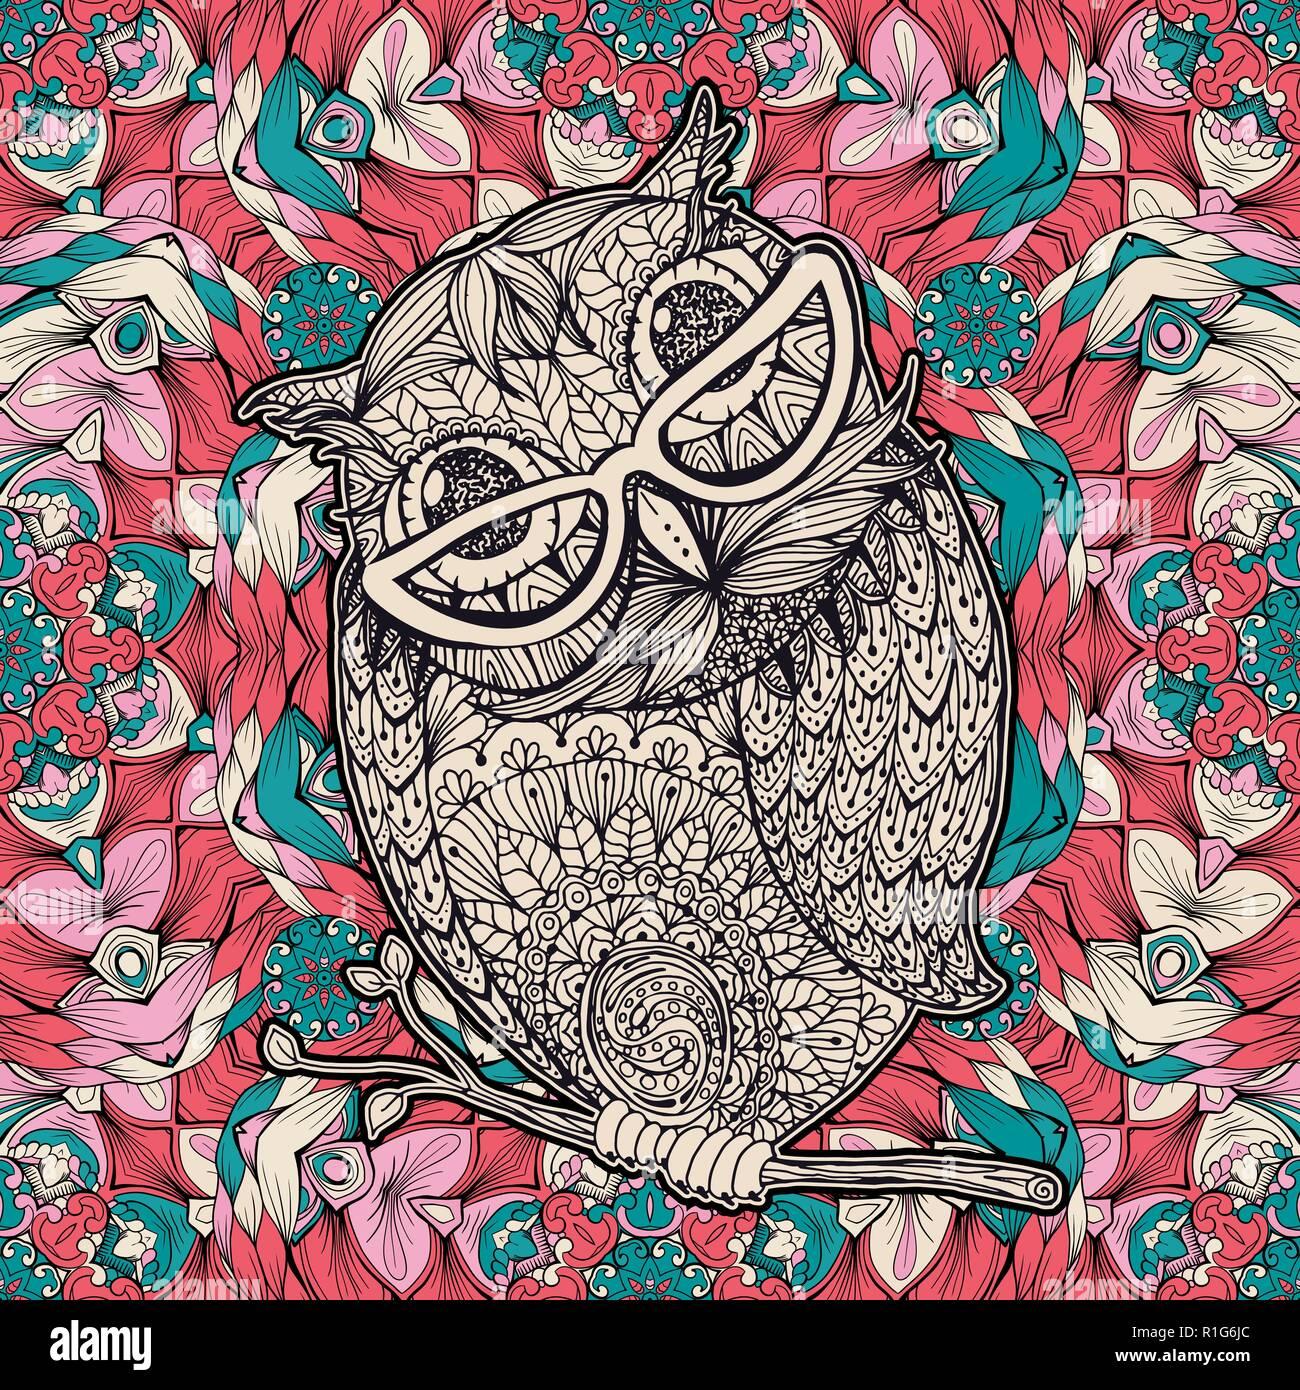 Eule Mit Glaser Farben Seite Oder Ein Buch Vektor Poster Design Mit